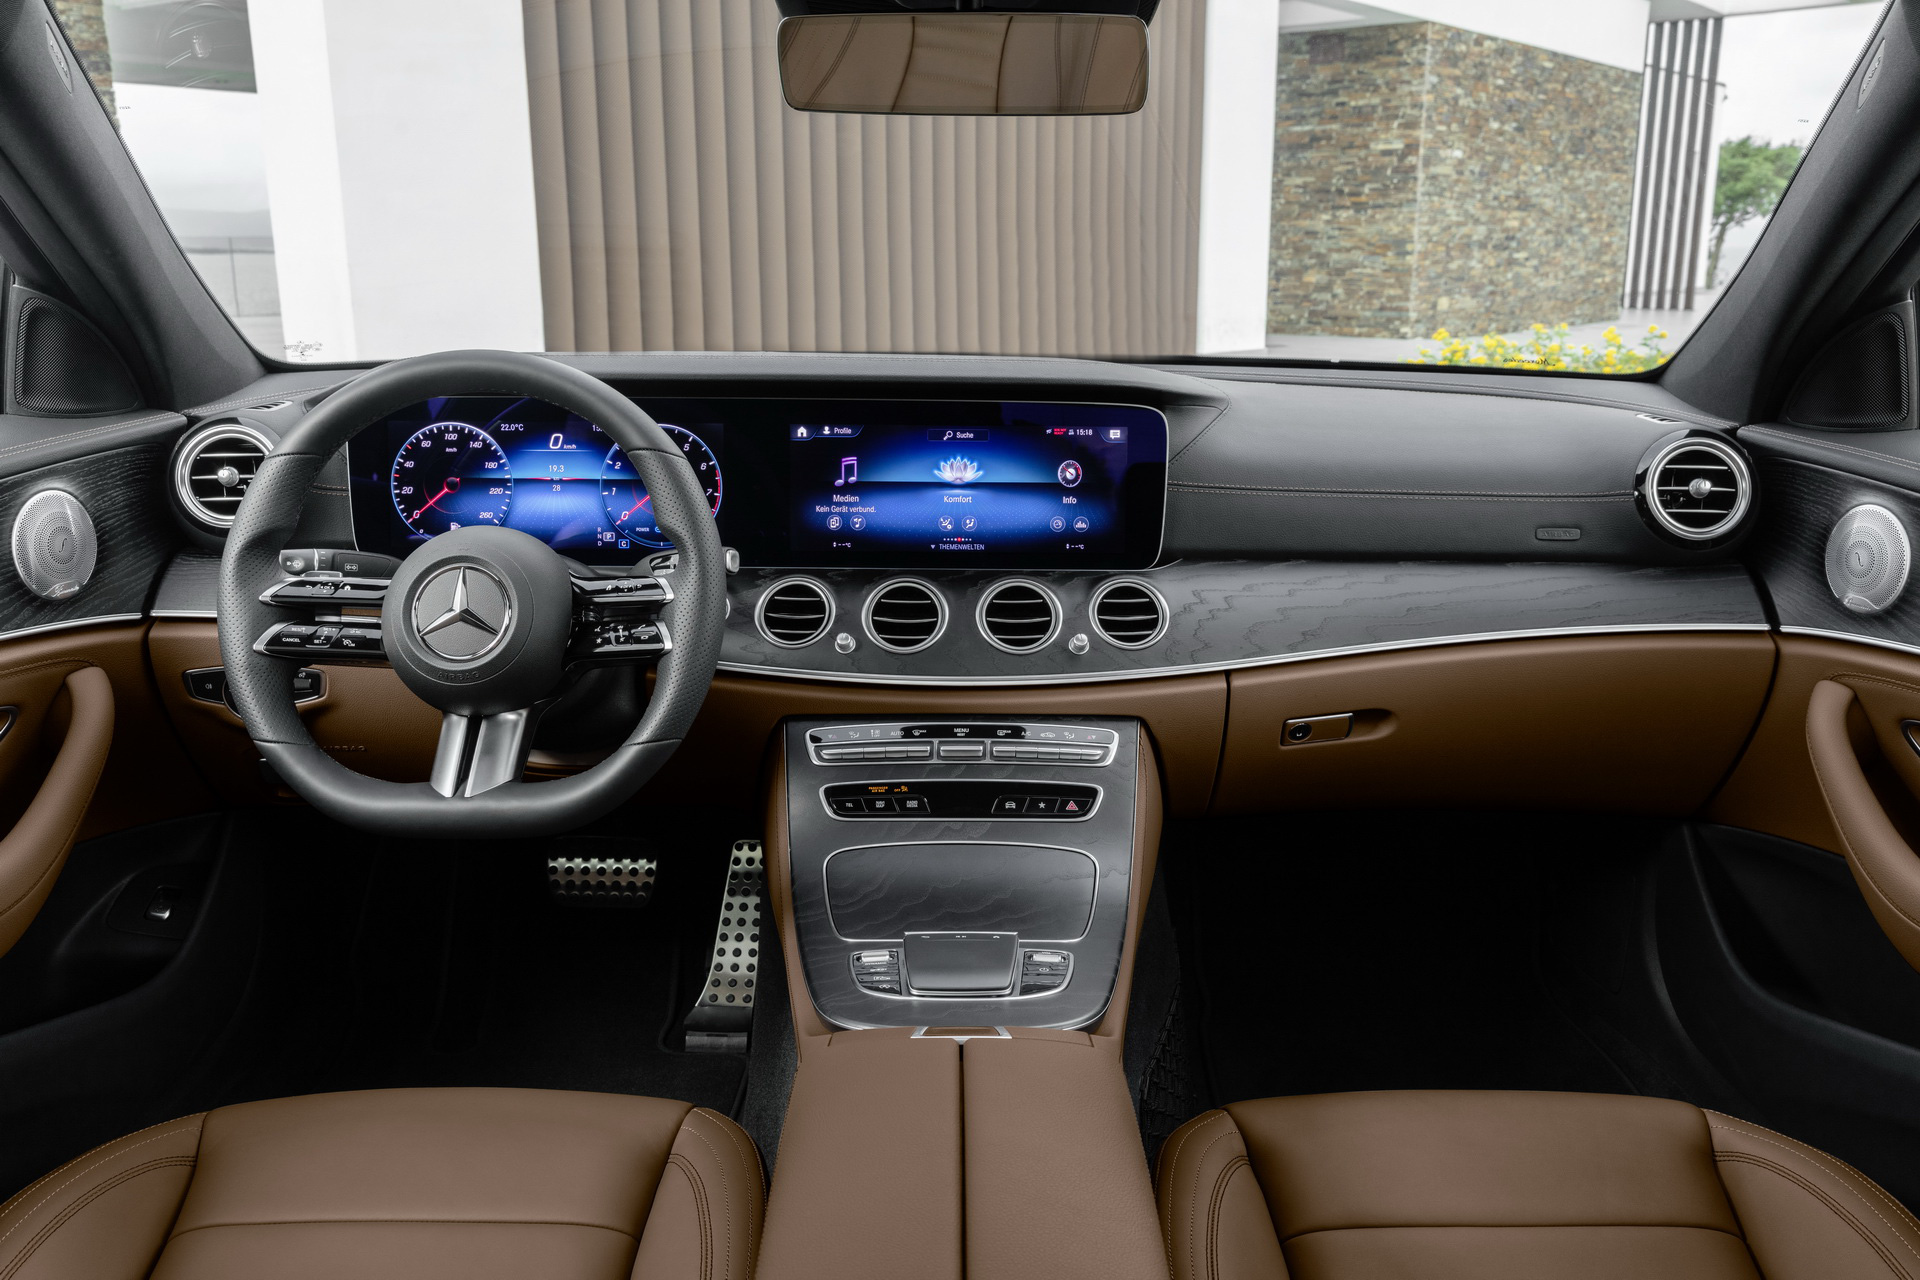 Mercedes-Benz E-Class mui trần lần đầu lộ diện trên đường phố-4